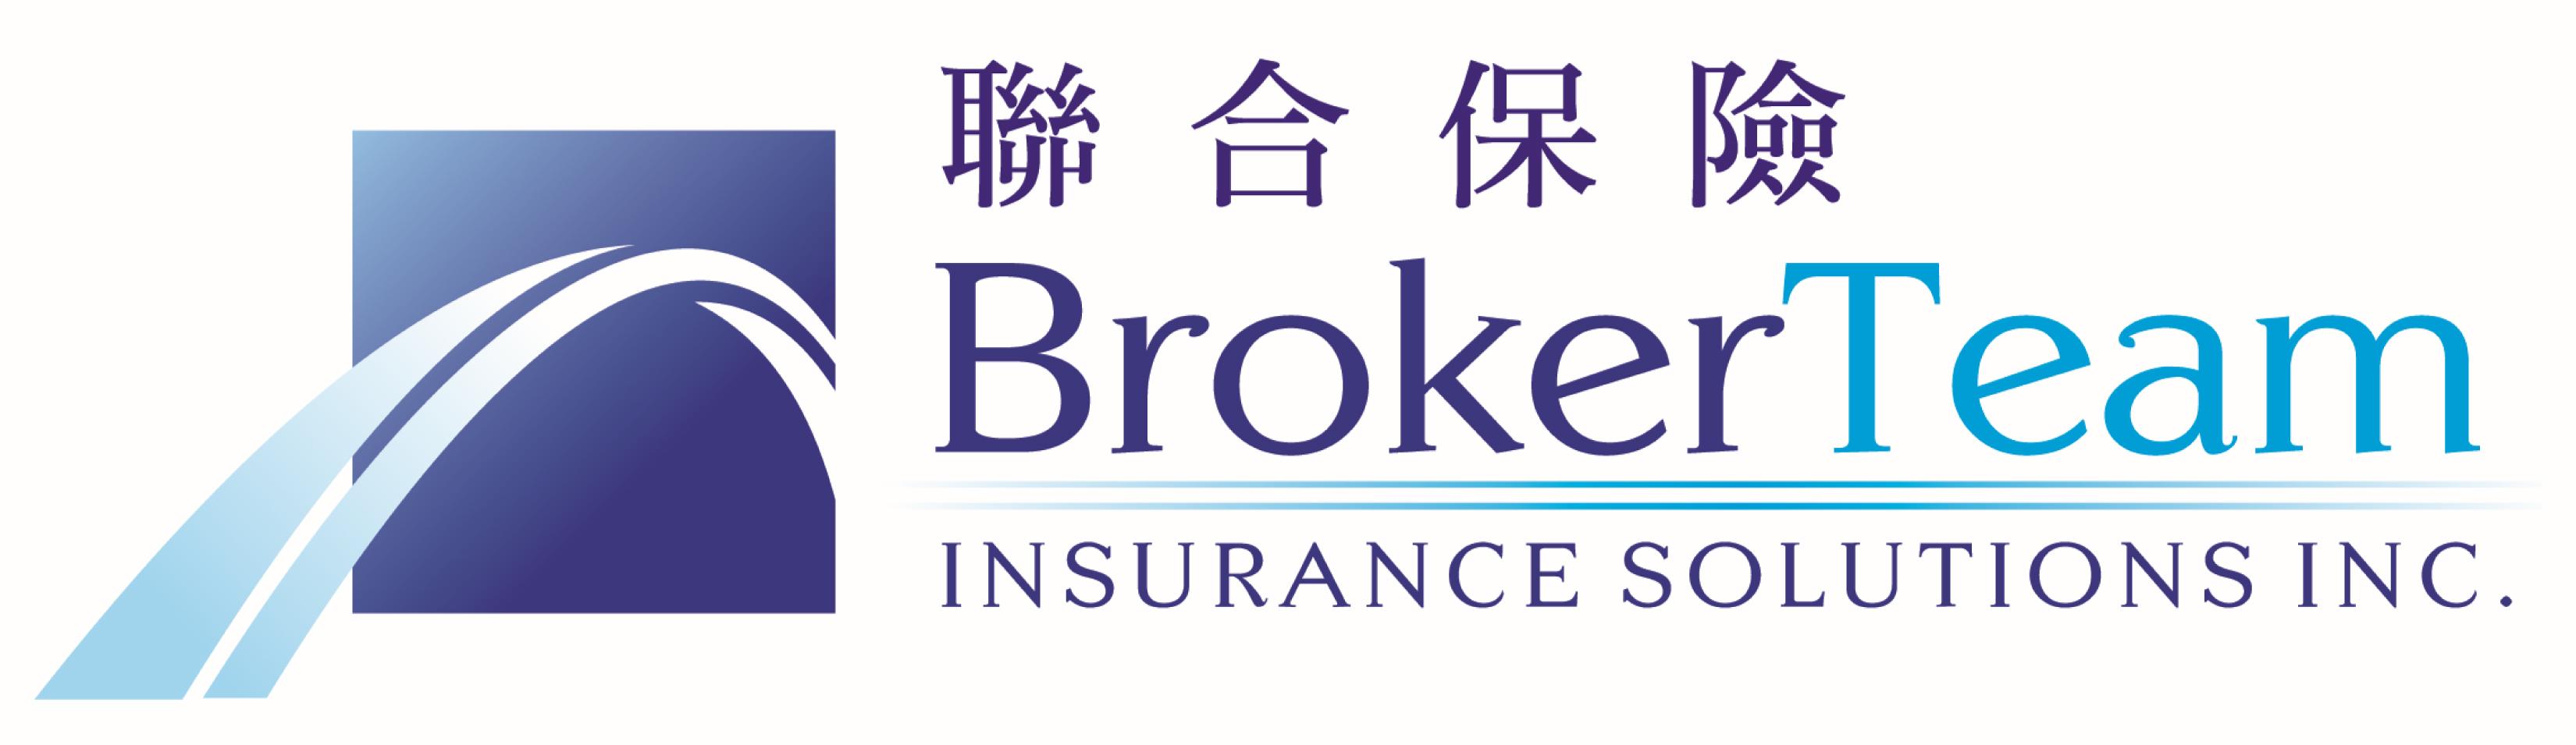 Broker team solutions